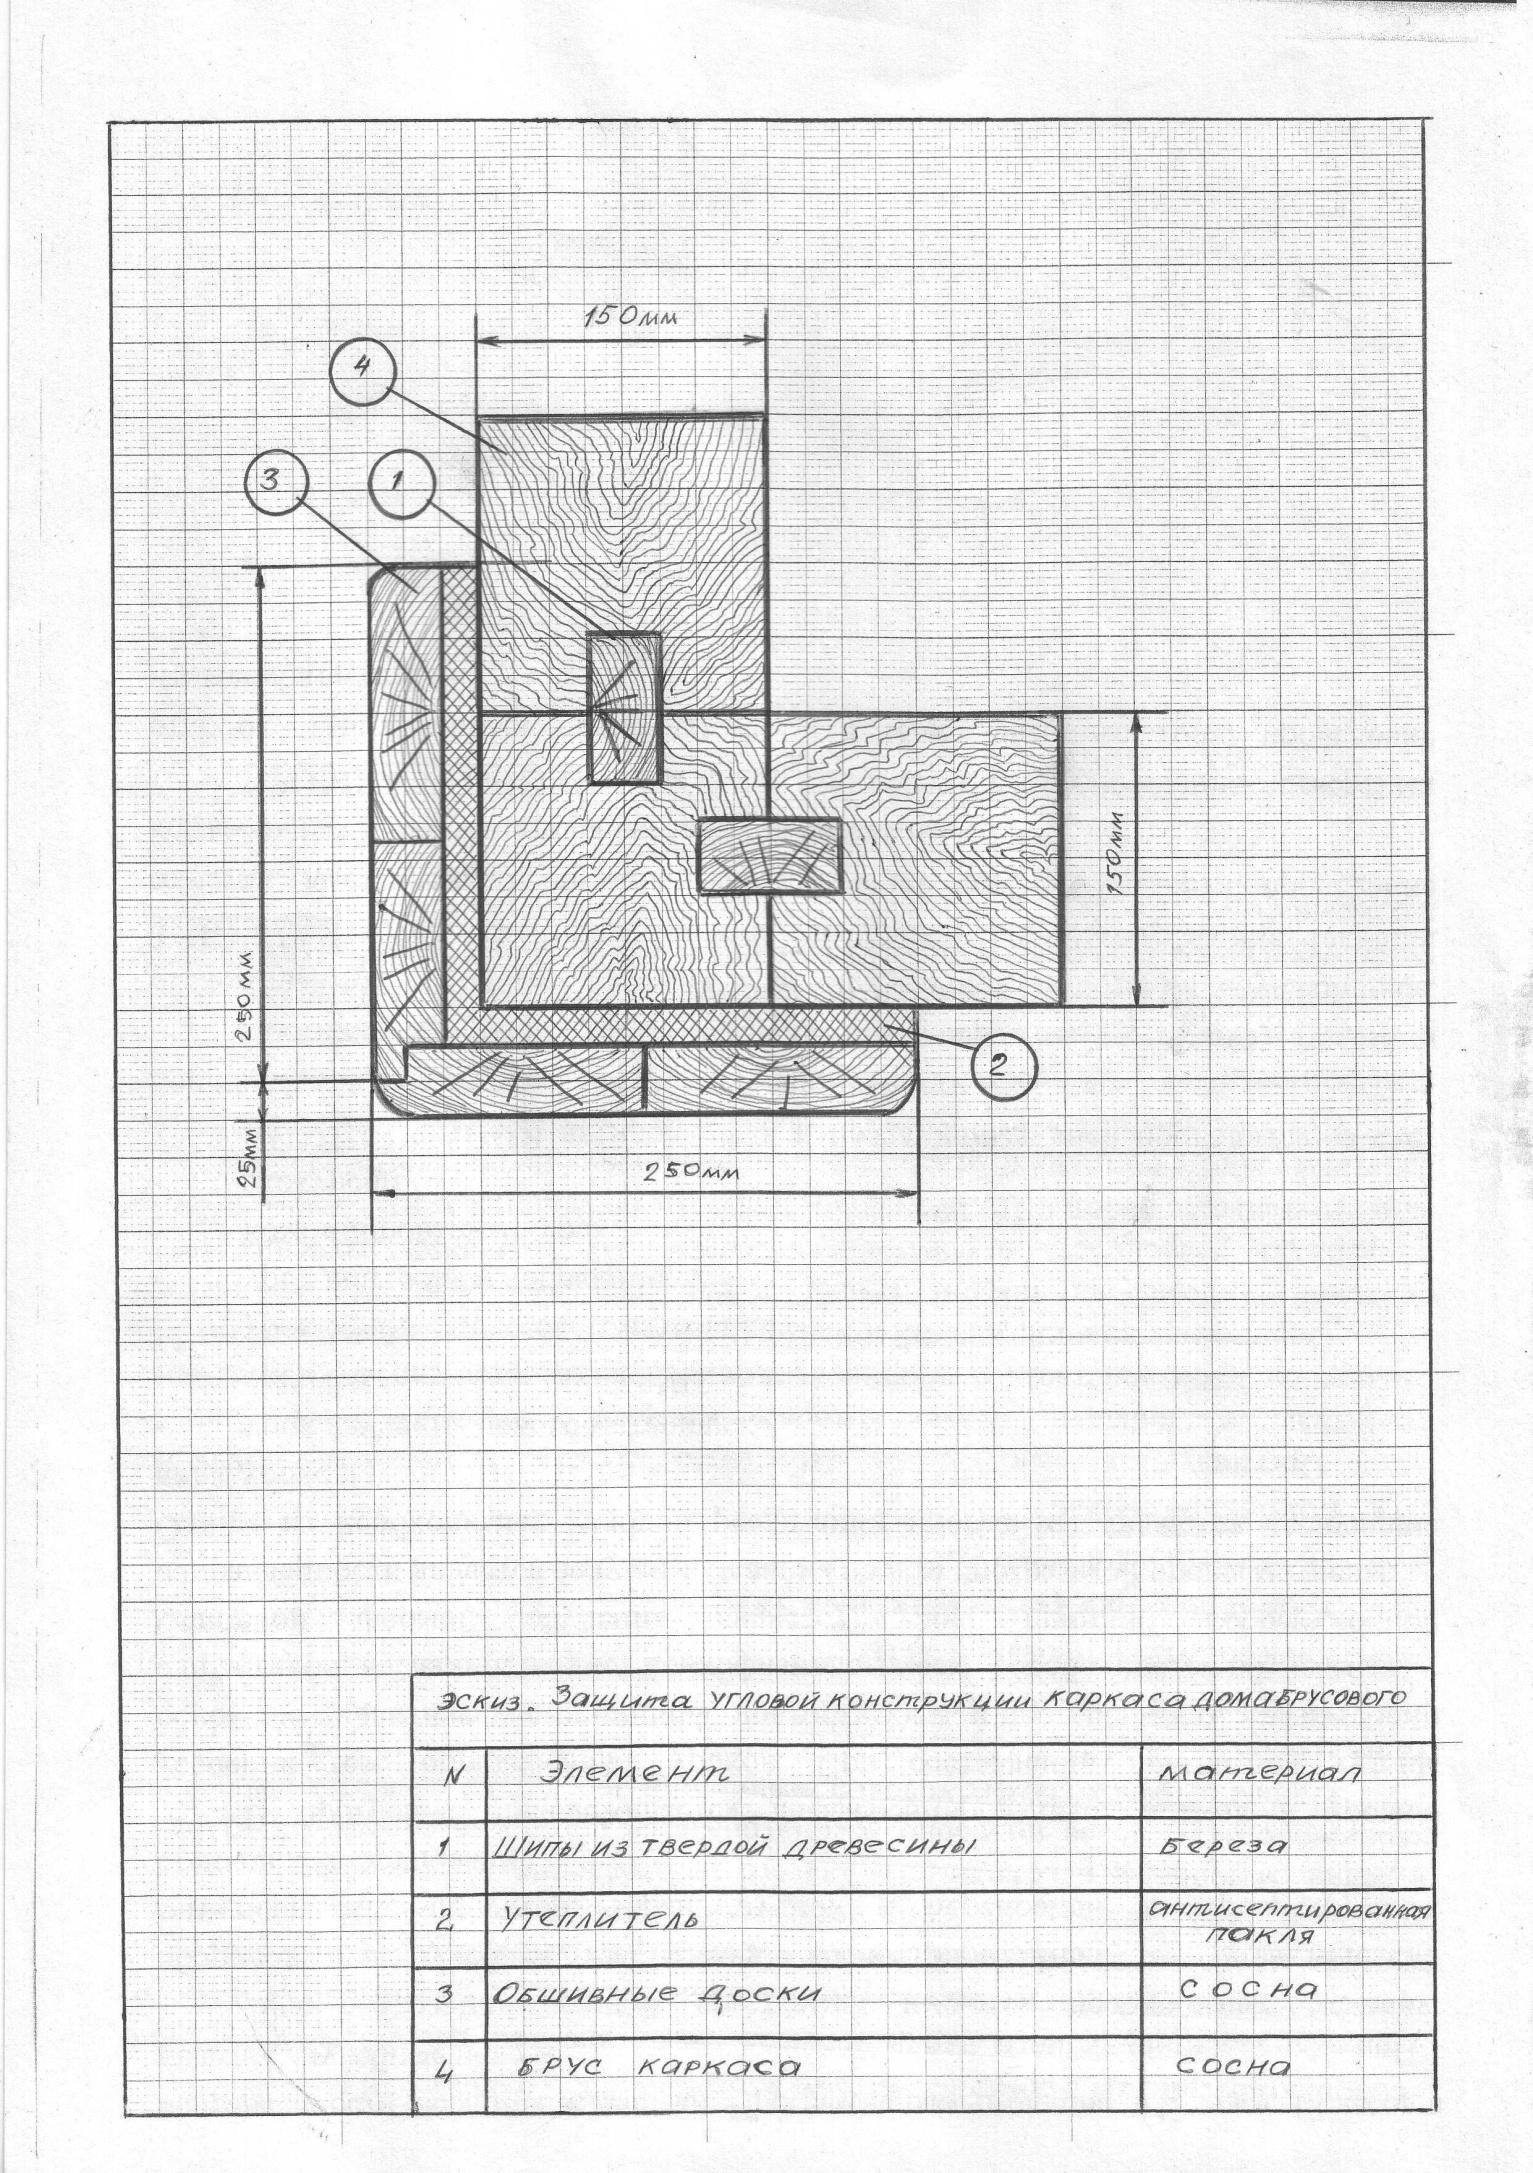 F:\изделия и эскизы\10- 12 класс\Эскизы\Image0028.JPG